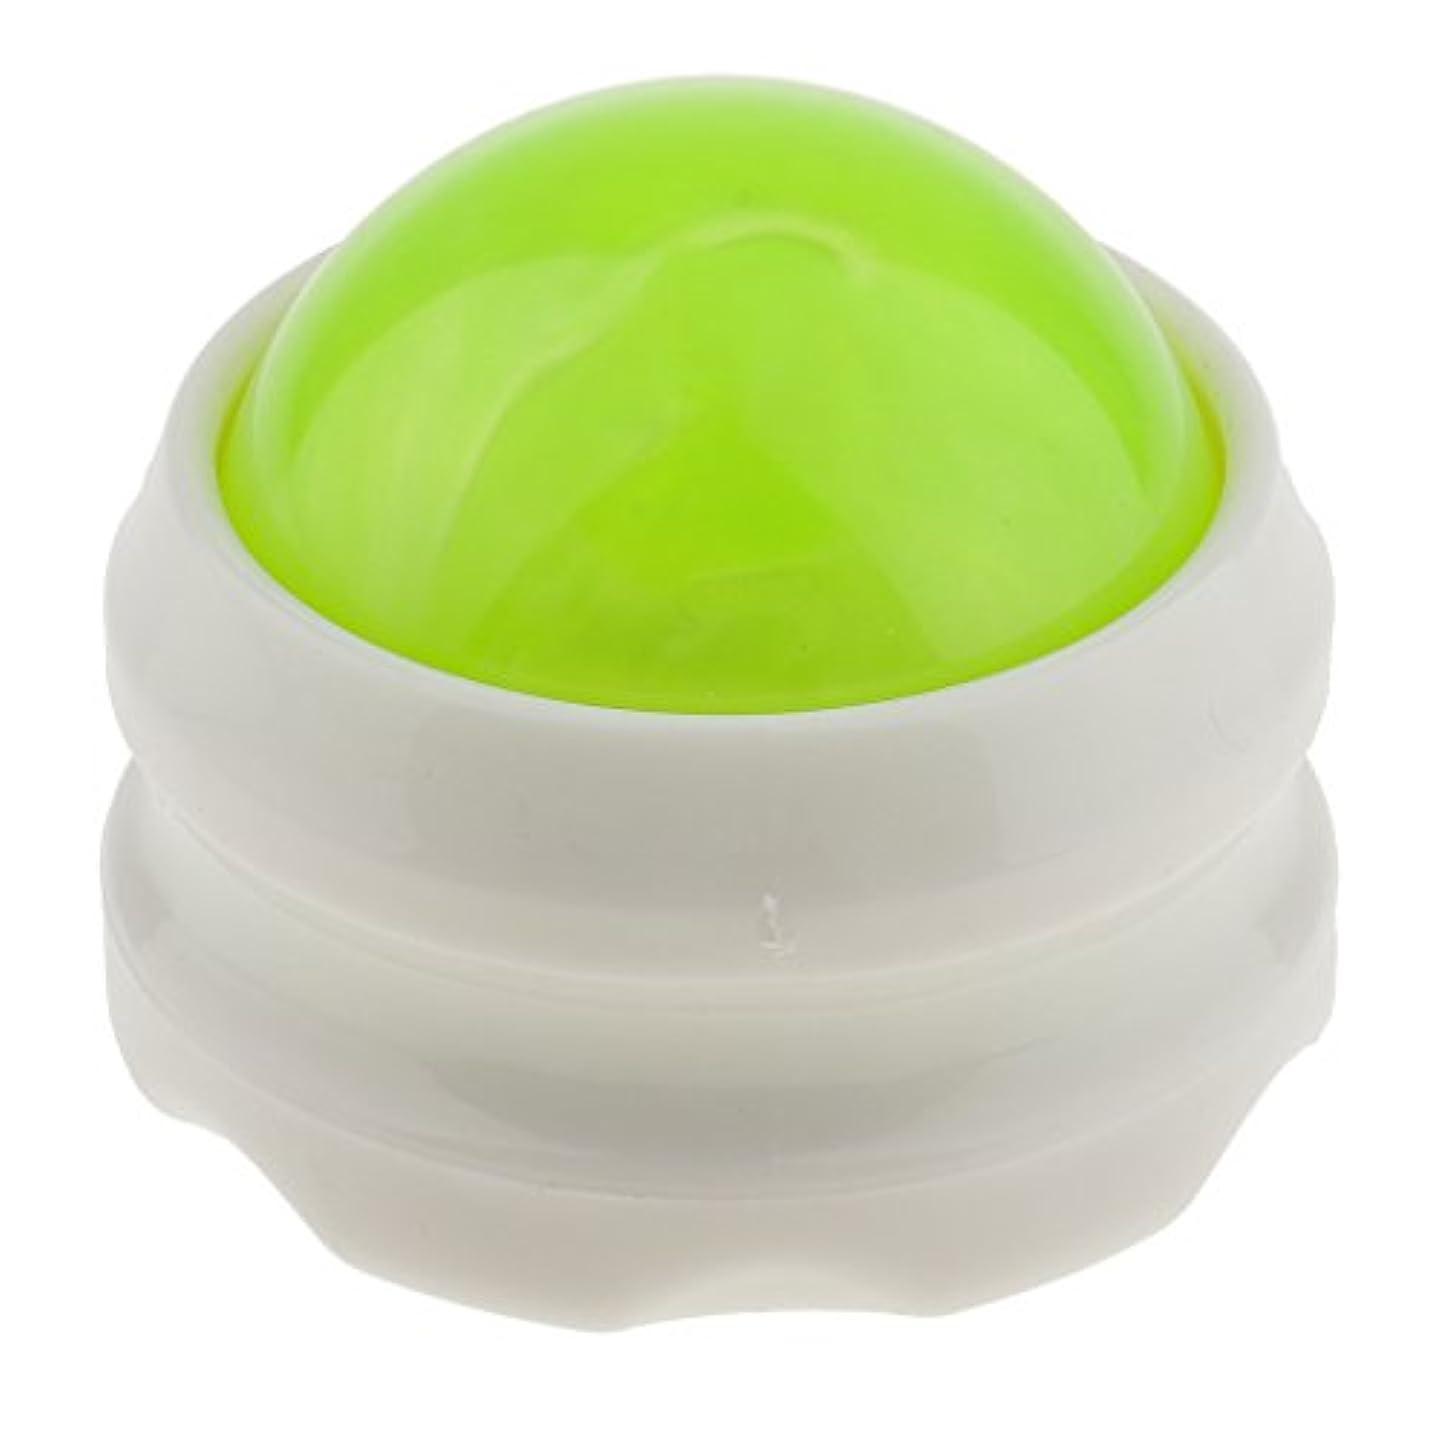 sharprepublic マッサージ ローラーボール ボディ バック ネック フット セルフマッサージツール 全4色 - グリーンホワイト